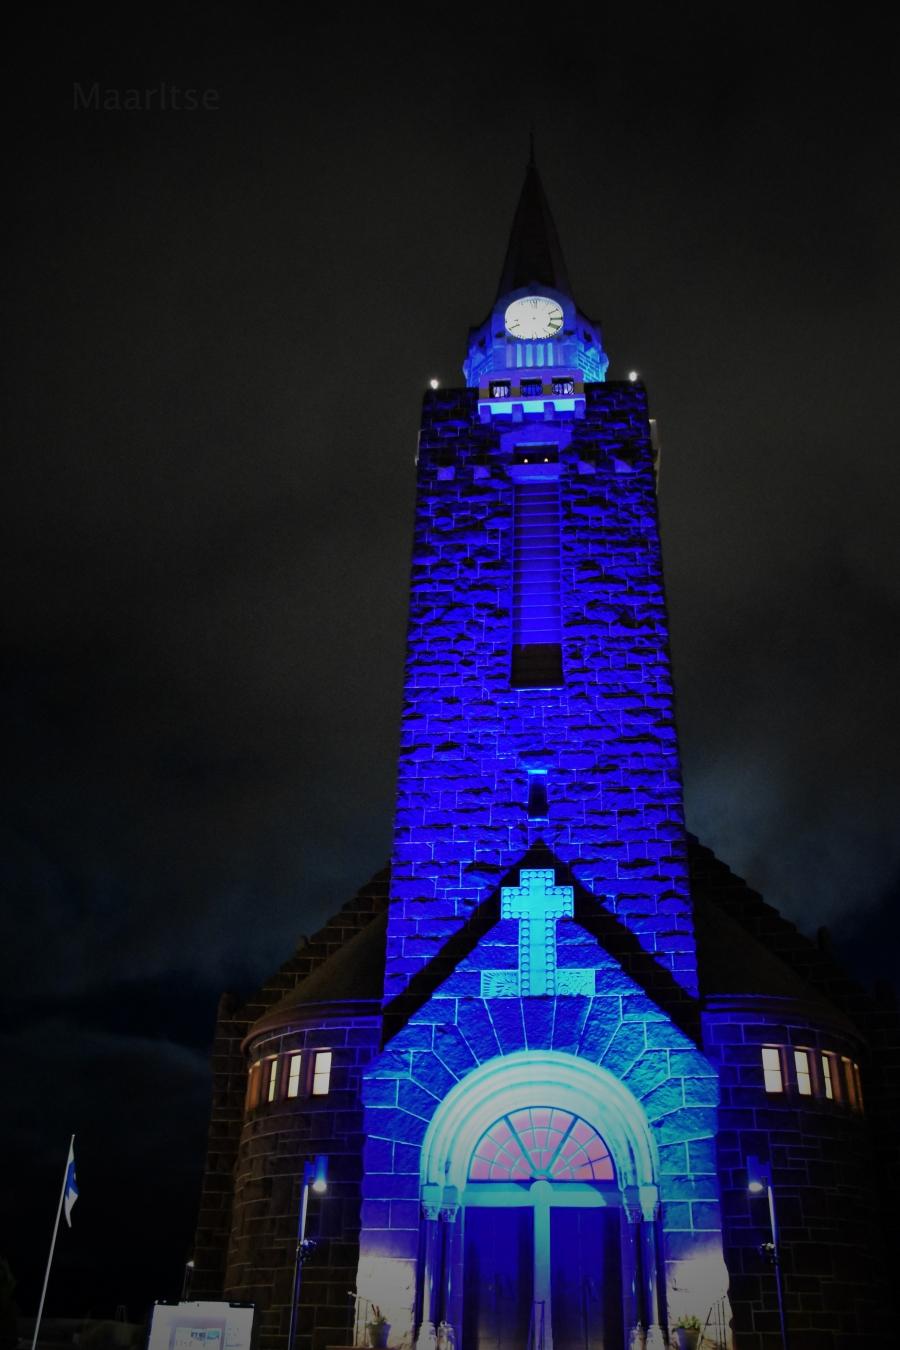 makrotex_joulukuu_maaritse_sininen_kirkko